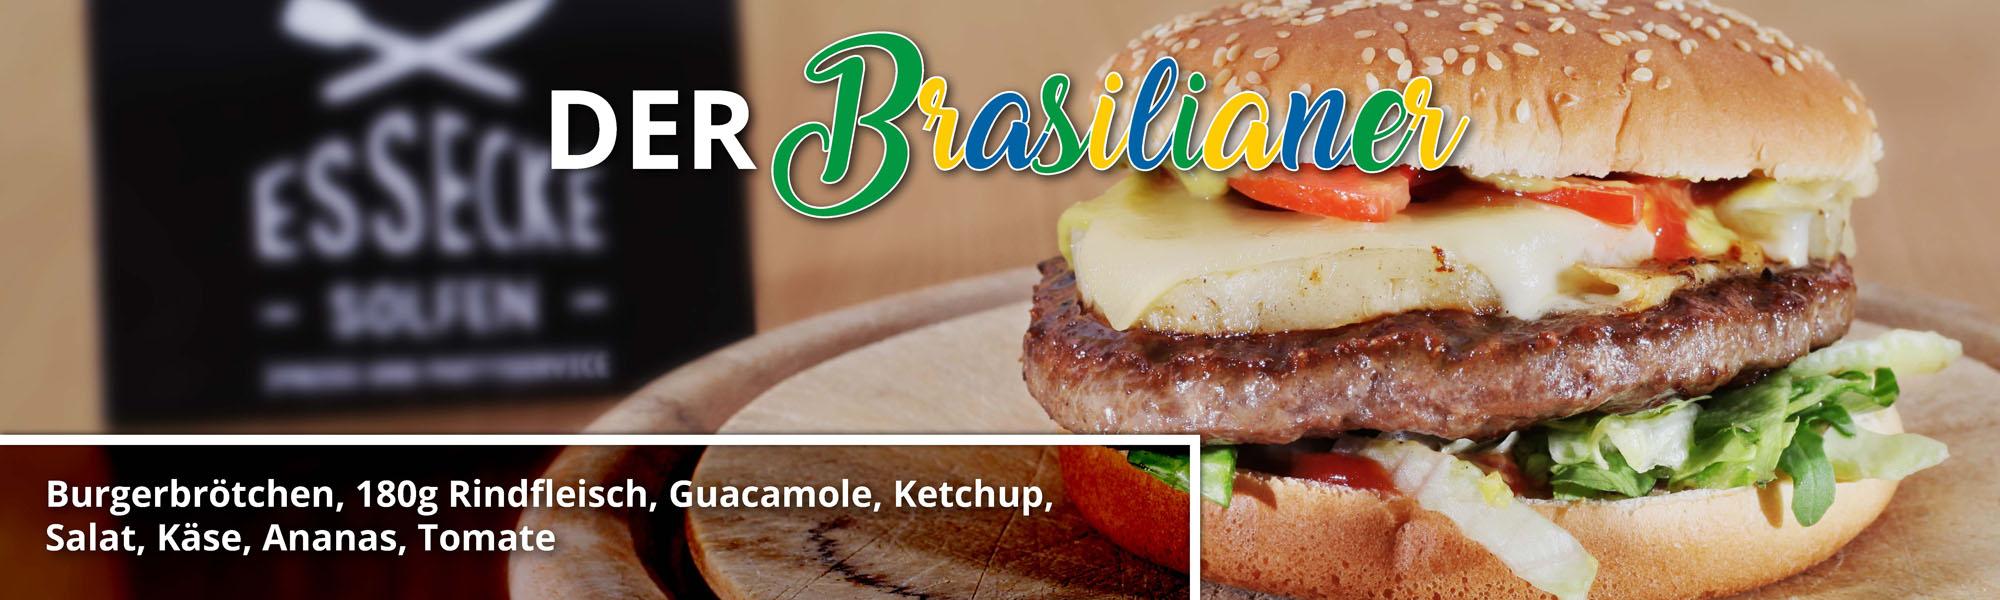 Essecke Solfen Lemgo Burger Der Brasilianer